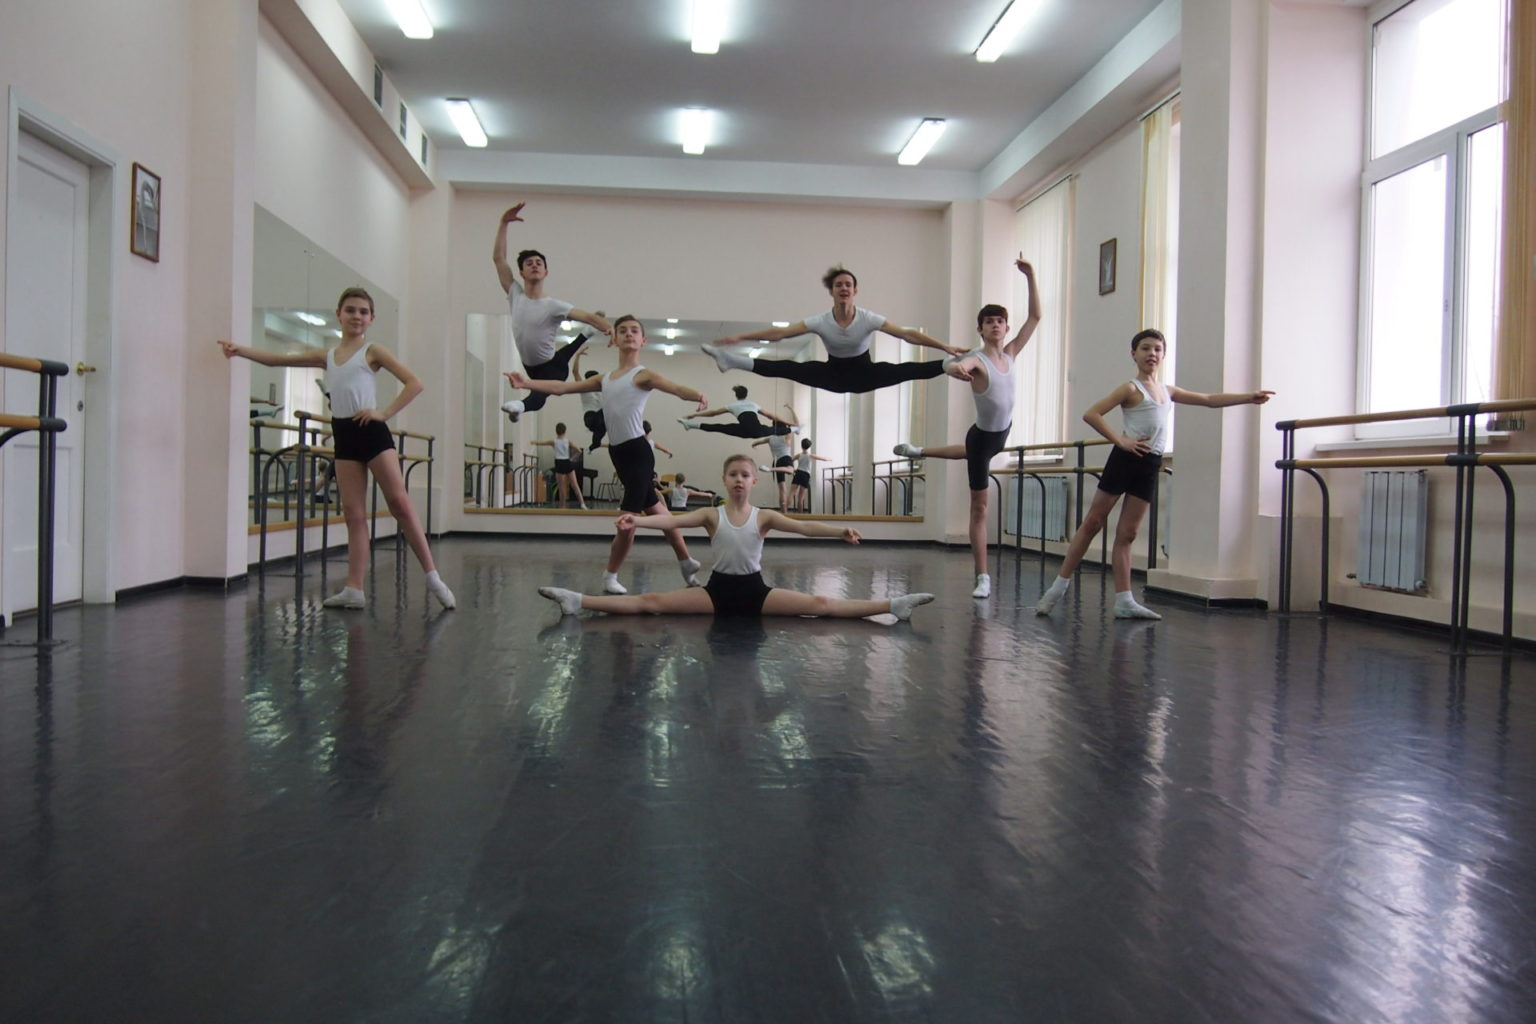 Занятия в Ростовском колледже искусств //Фото из архива Альберта Загретдинова